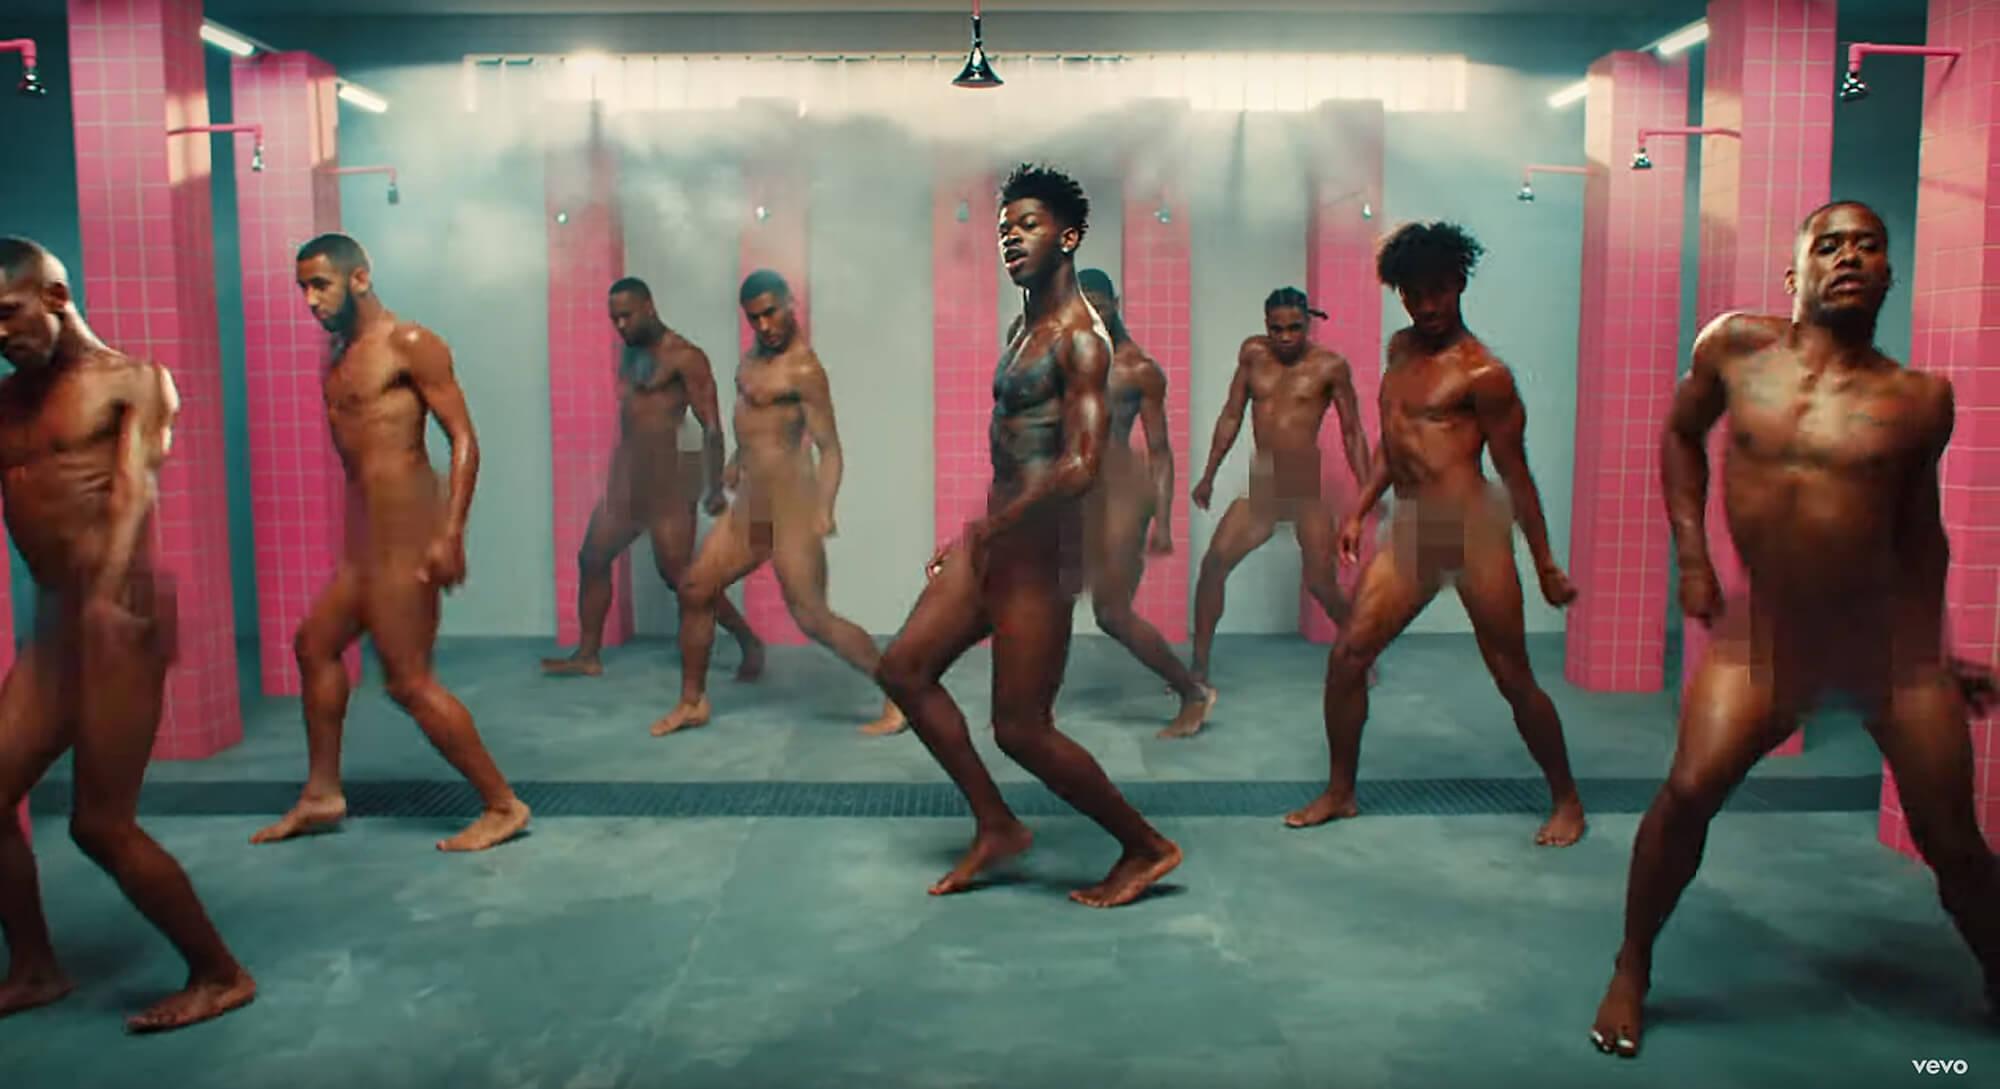 リル・ナズ・X - 全裸ダンス、妊娠写真、オトコ同士の濃厚キス…ゲイであることを公表した次世代ヒップホップスターから目が離せない【シリーズ: これを知らないあなたは超ヤバいVol.5】